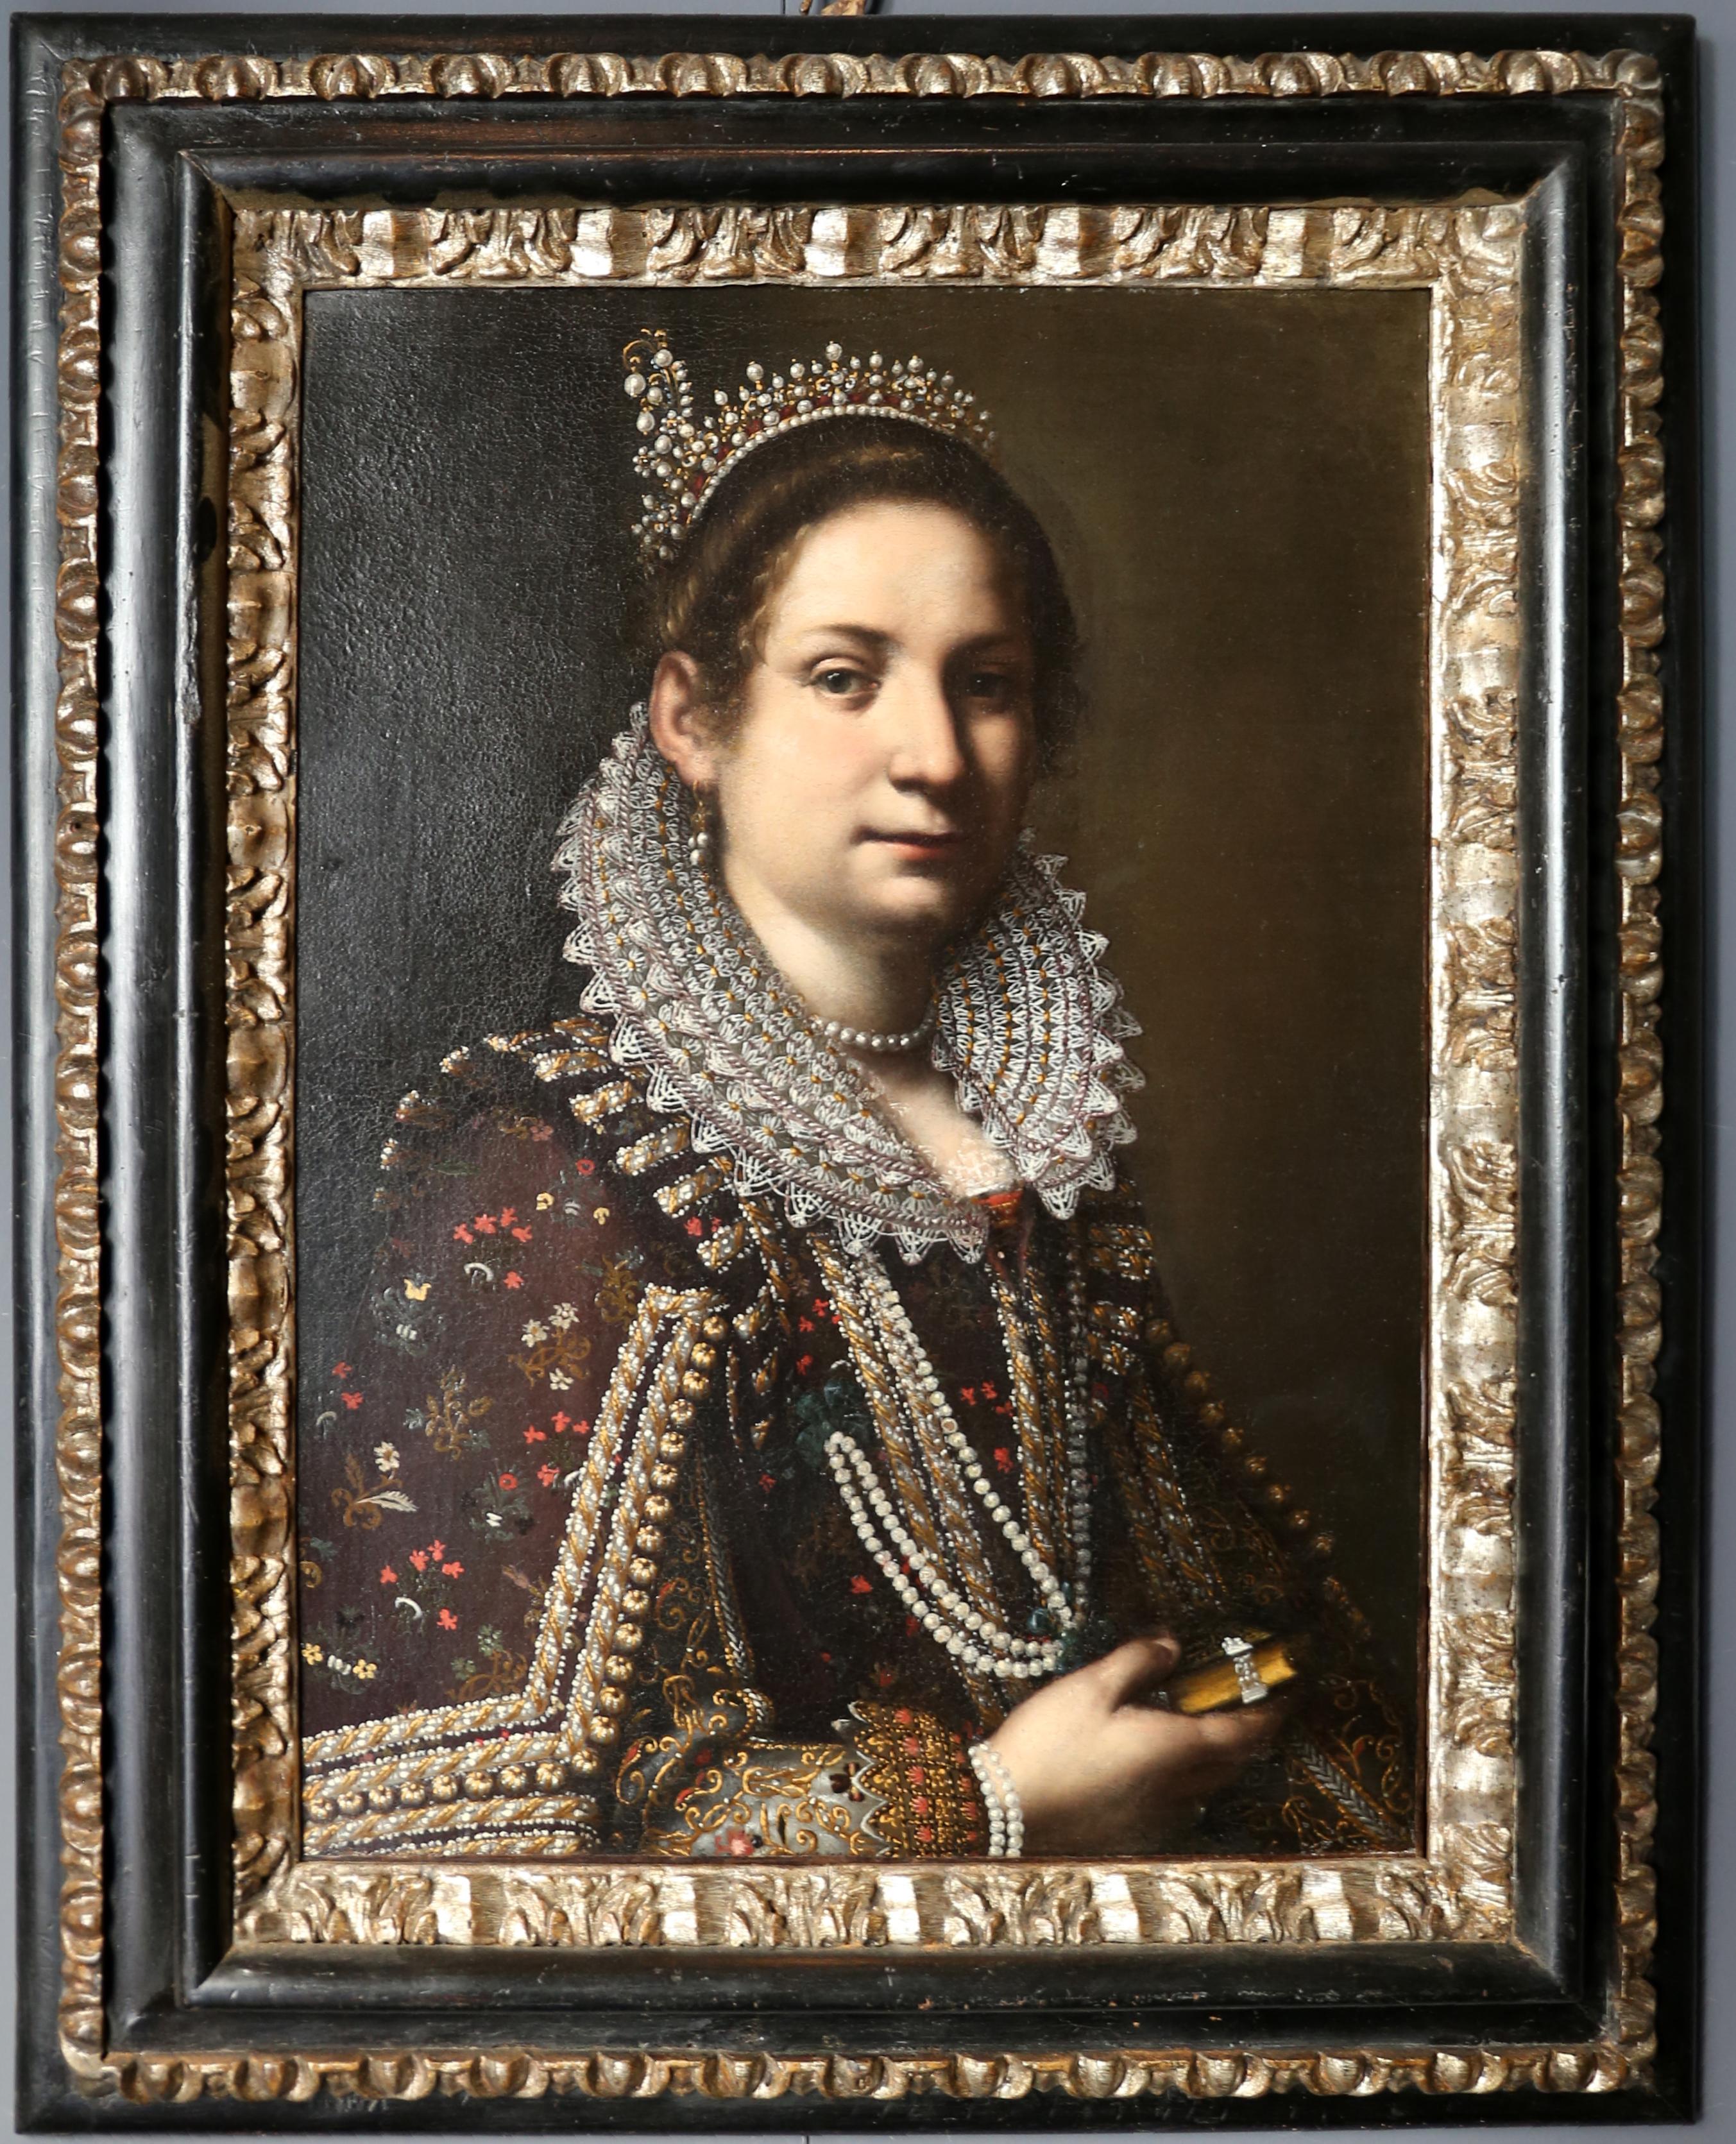 Vestiti Eleganti Wikipedia.File Ottavio Leoni Ritratto Di Nobildonna Con Vestito Elegante